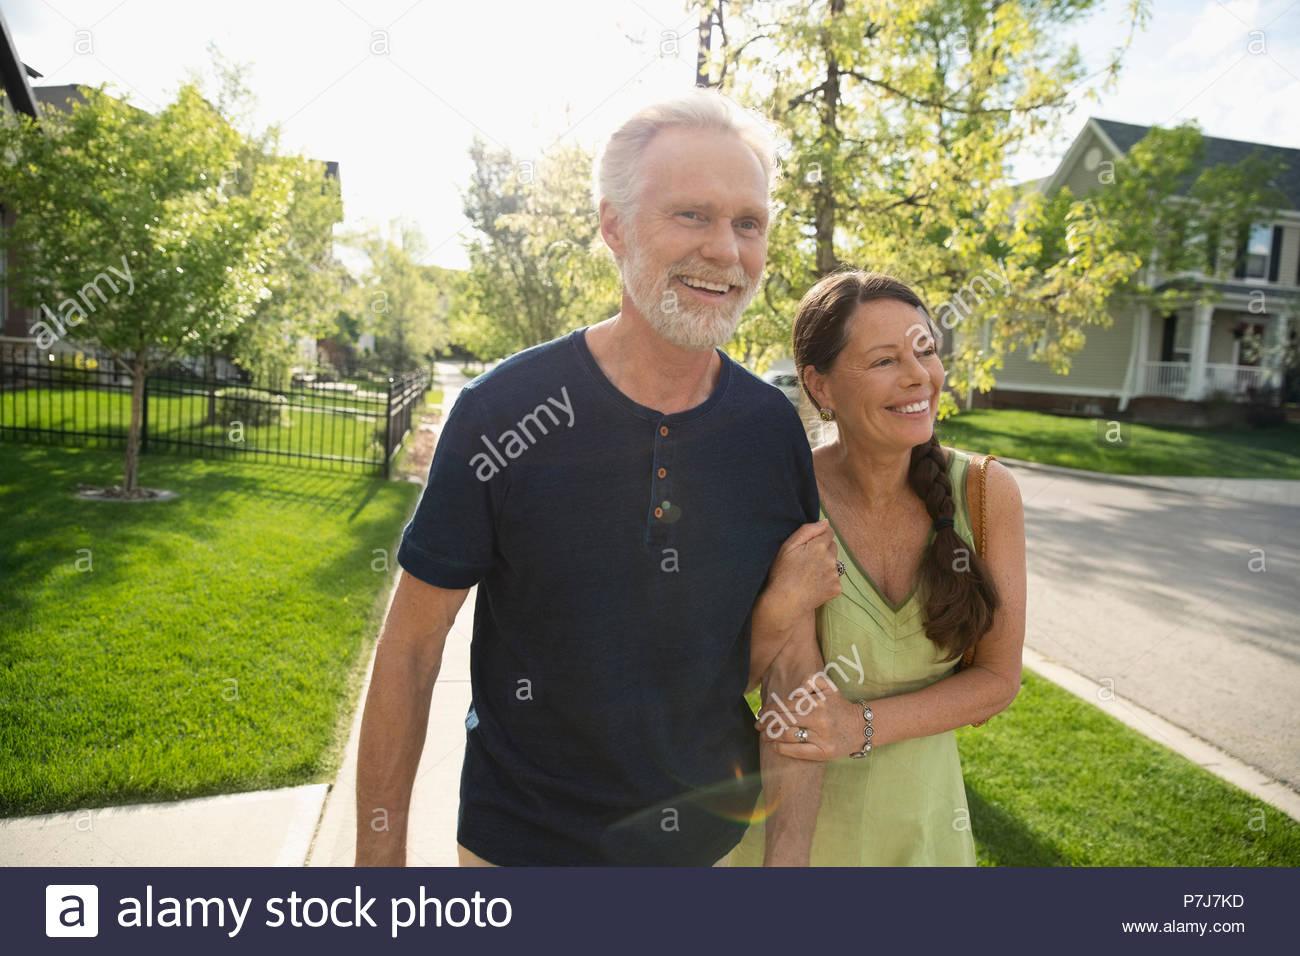 Sonriente, cariñosa pareja senior caminando del brazo en el barrio soleado acera Imagen De Stock